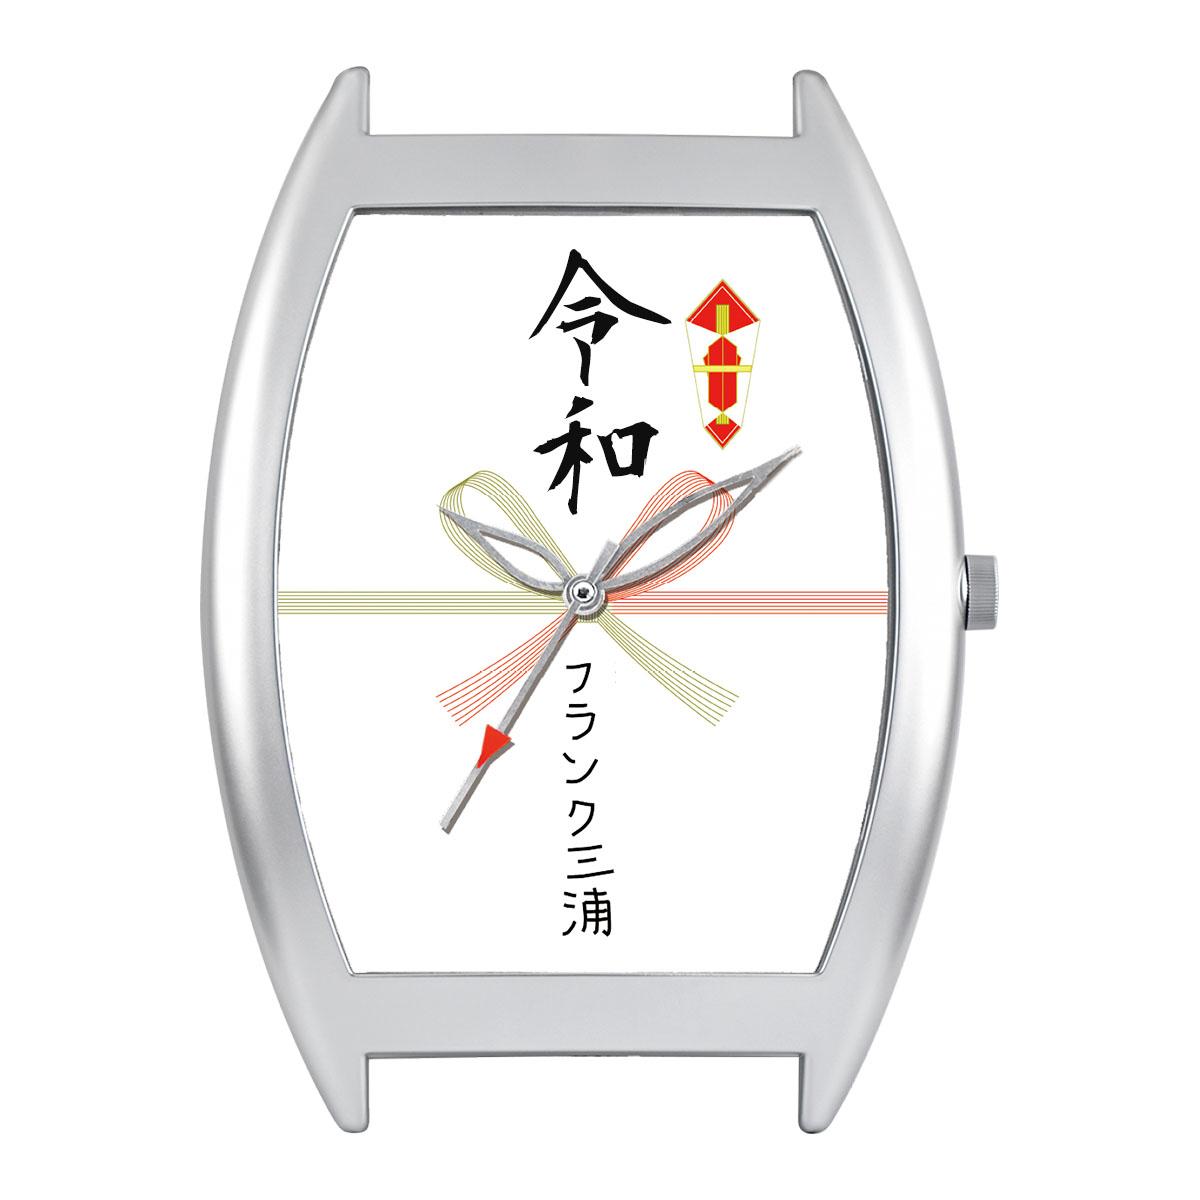 令和 新元号モデル フランク三浦 八号機 壁掛け時計 置き時計 お祝いプリント お中元 お歳暮 プレゼント